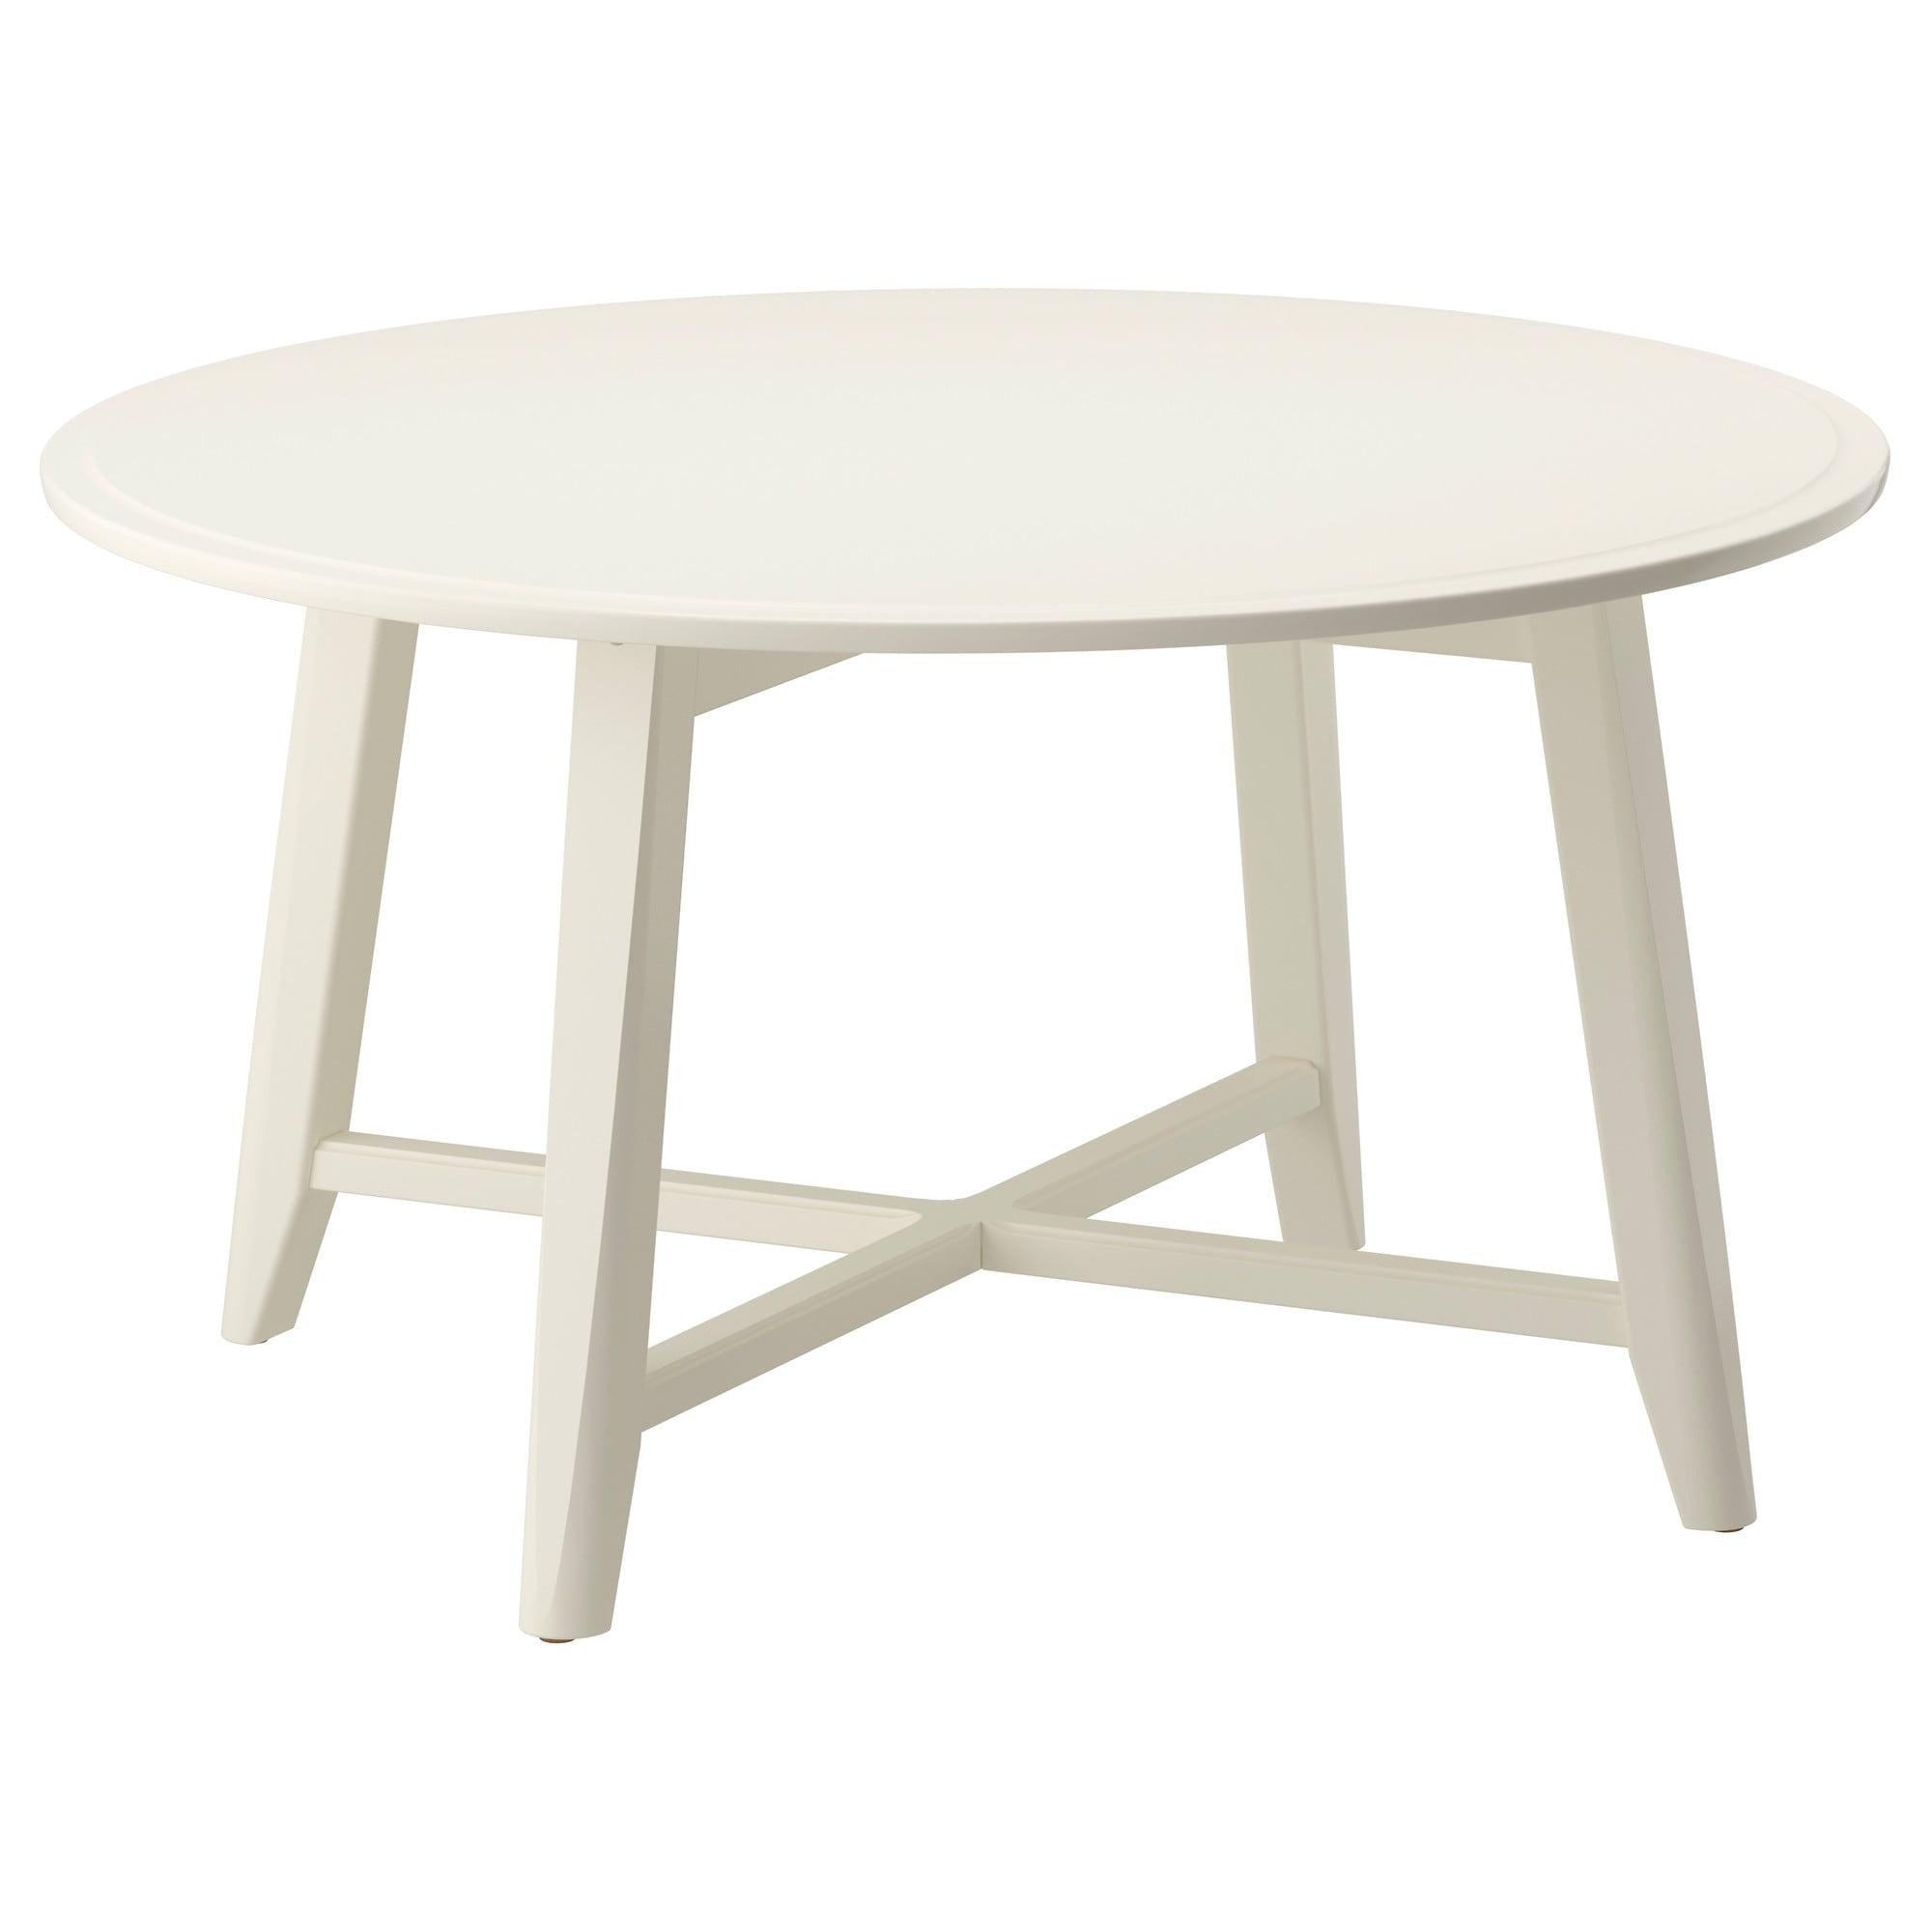 KRAGSTA Coffee table White 90 cm - IKEA